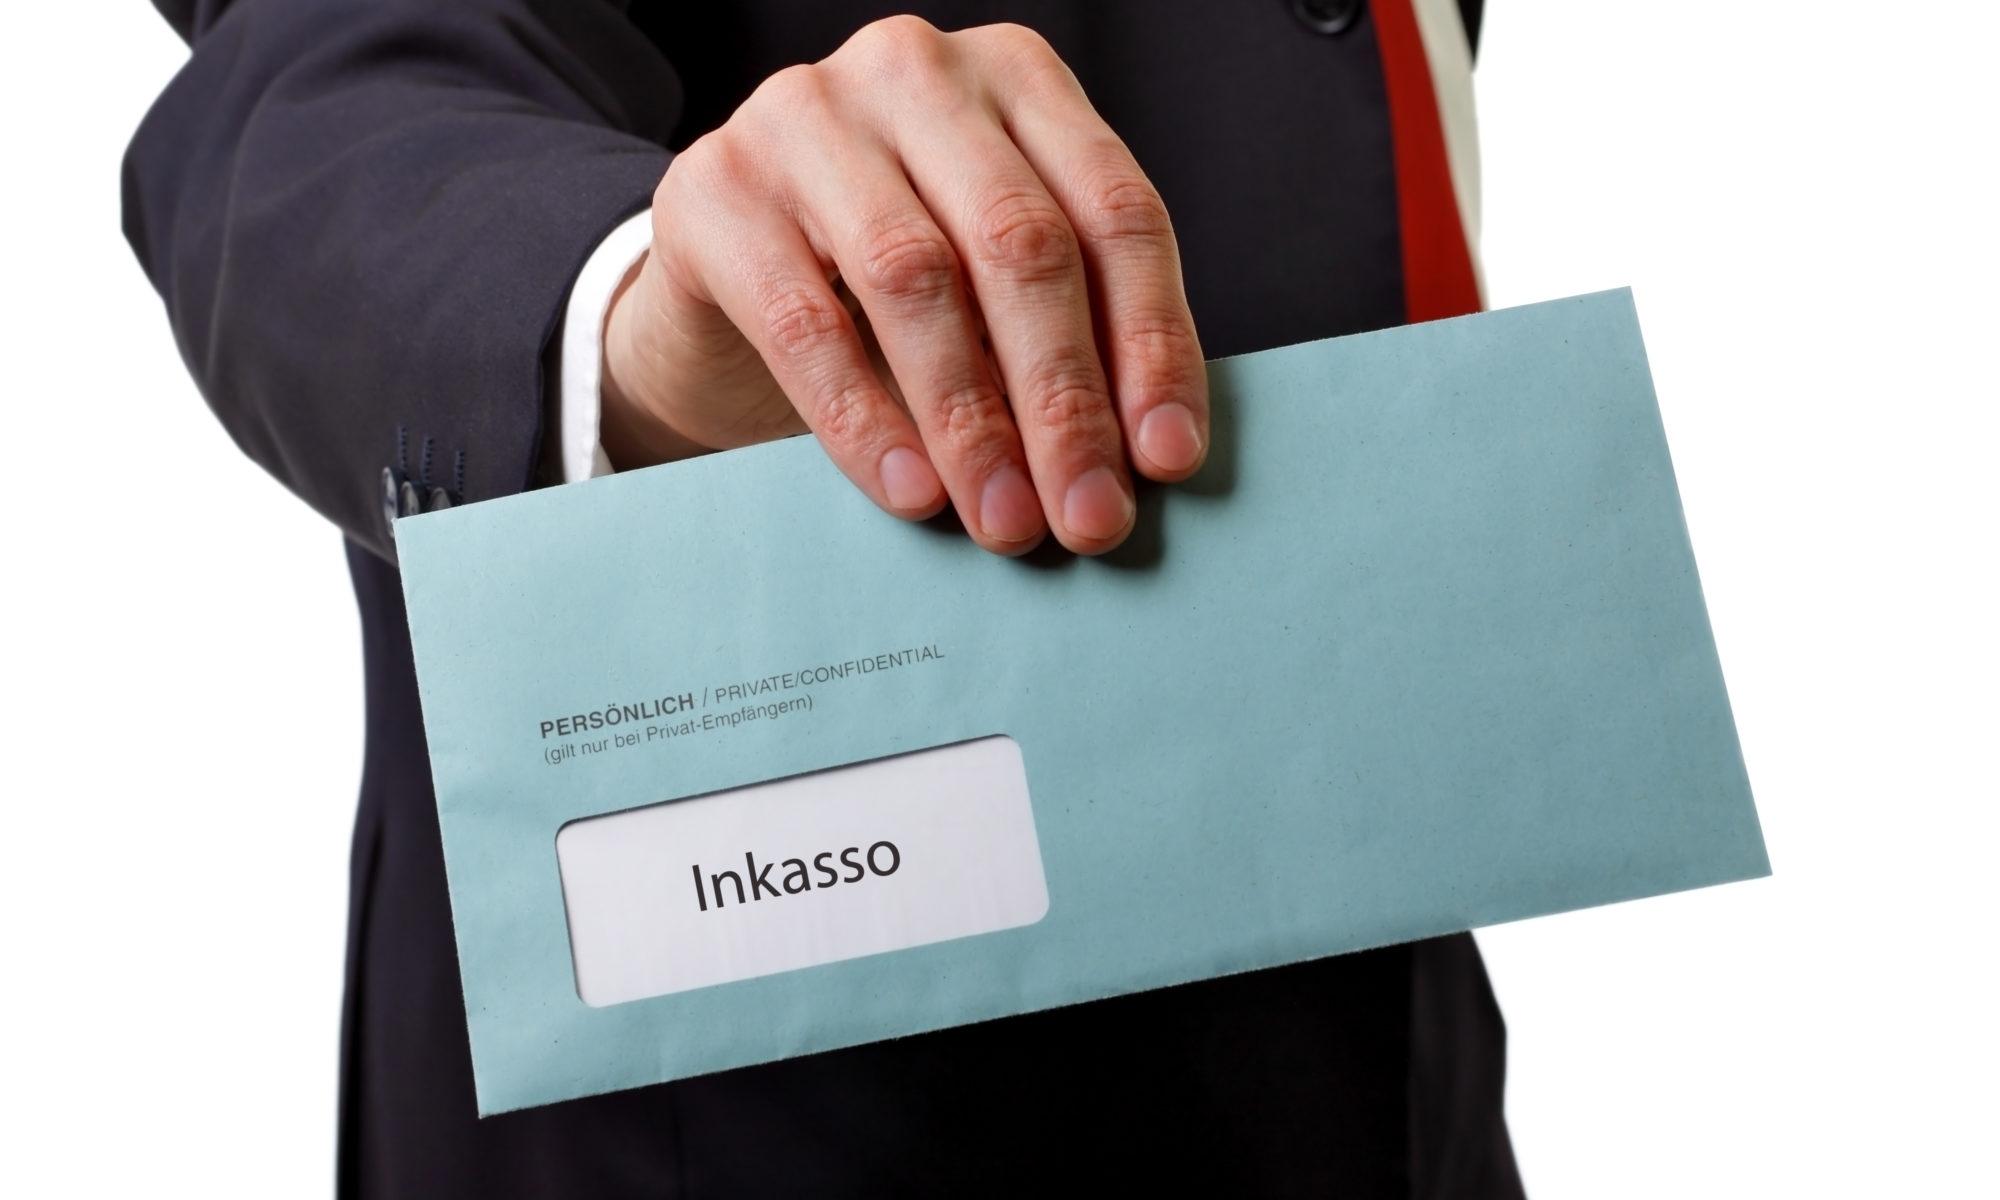 AdobeStock 35673414 2000x1200 - Jobcenter fordern 820 Millionen Euro Hartz IV-Leistungen zurück